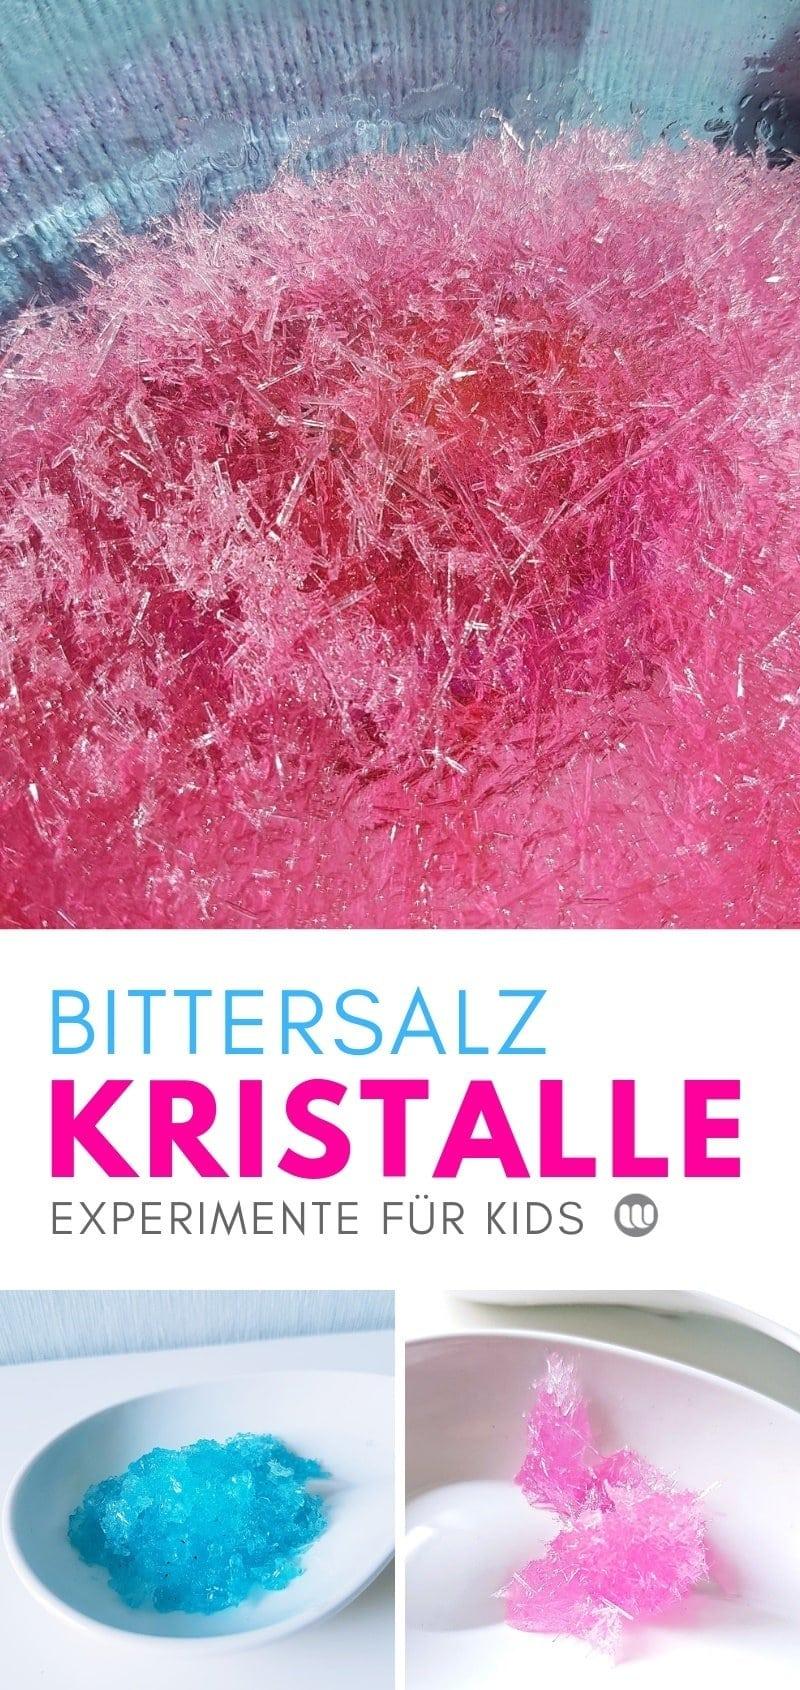 Bittersalz Kristalle züchten: Experiment für Kinder zum selber machen